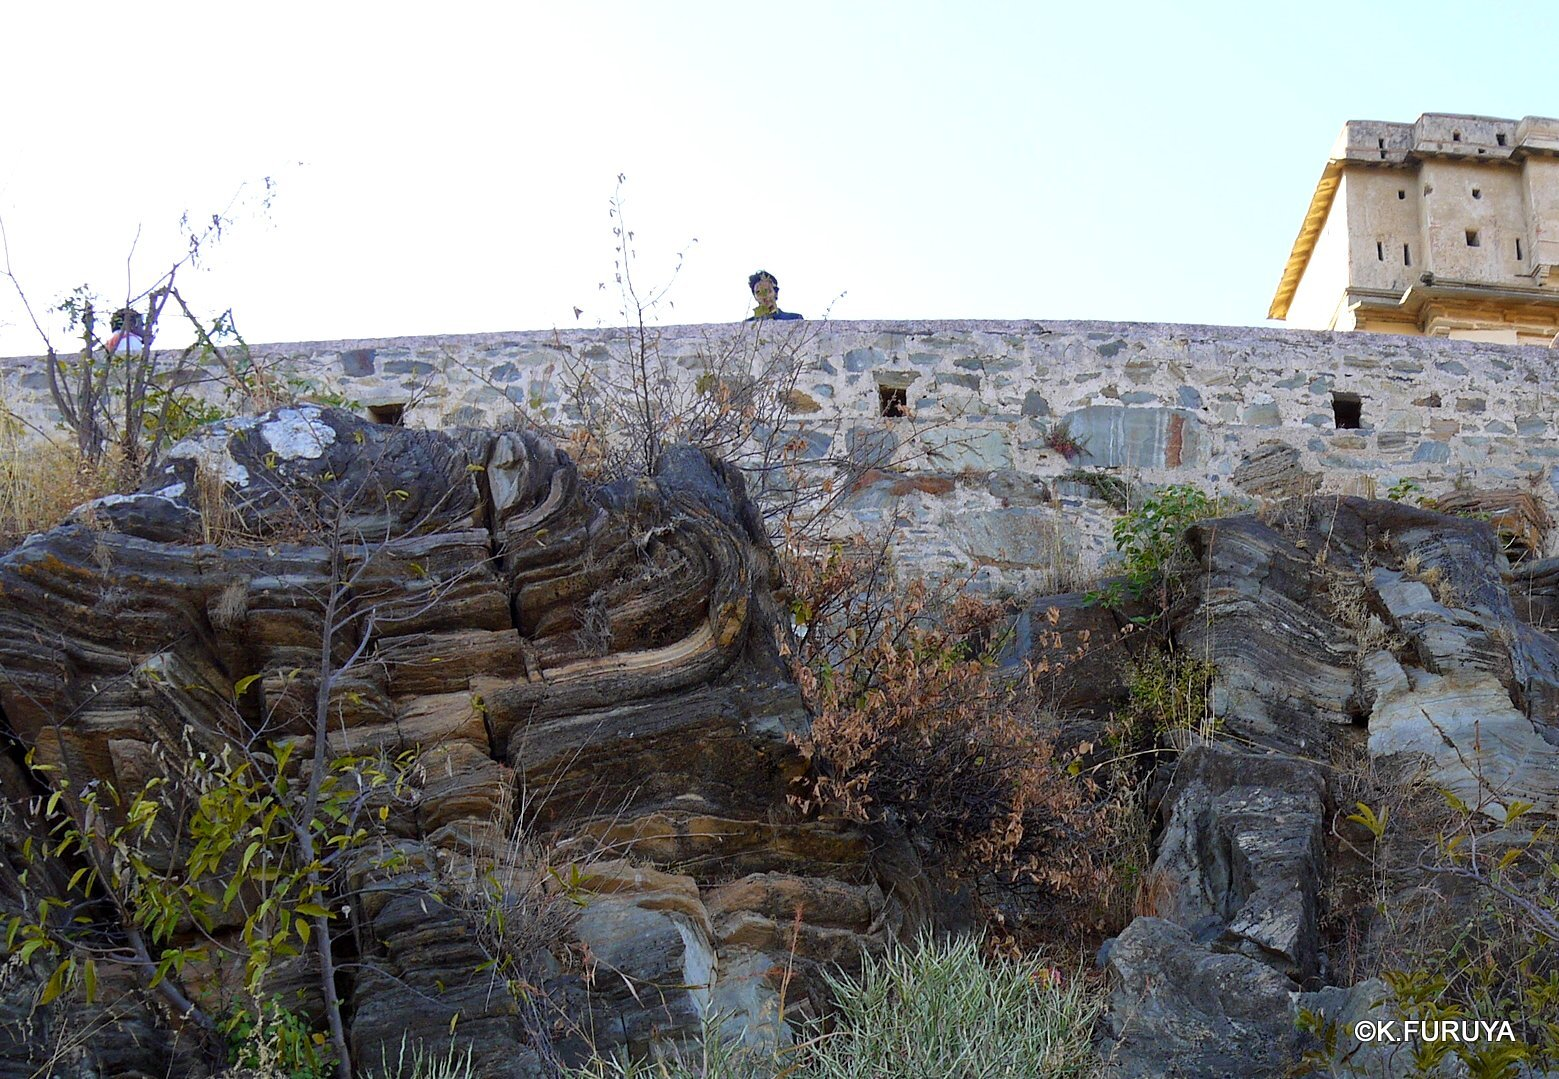 インド・ラジャスタンの旅 12 インド版「万里の長城」クンバルガル砦_a0092659_17313996.jpg